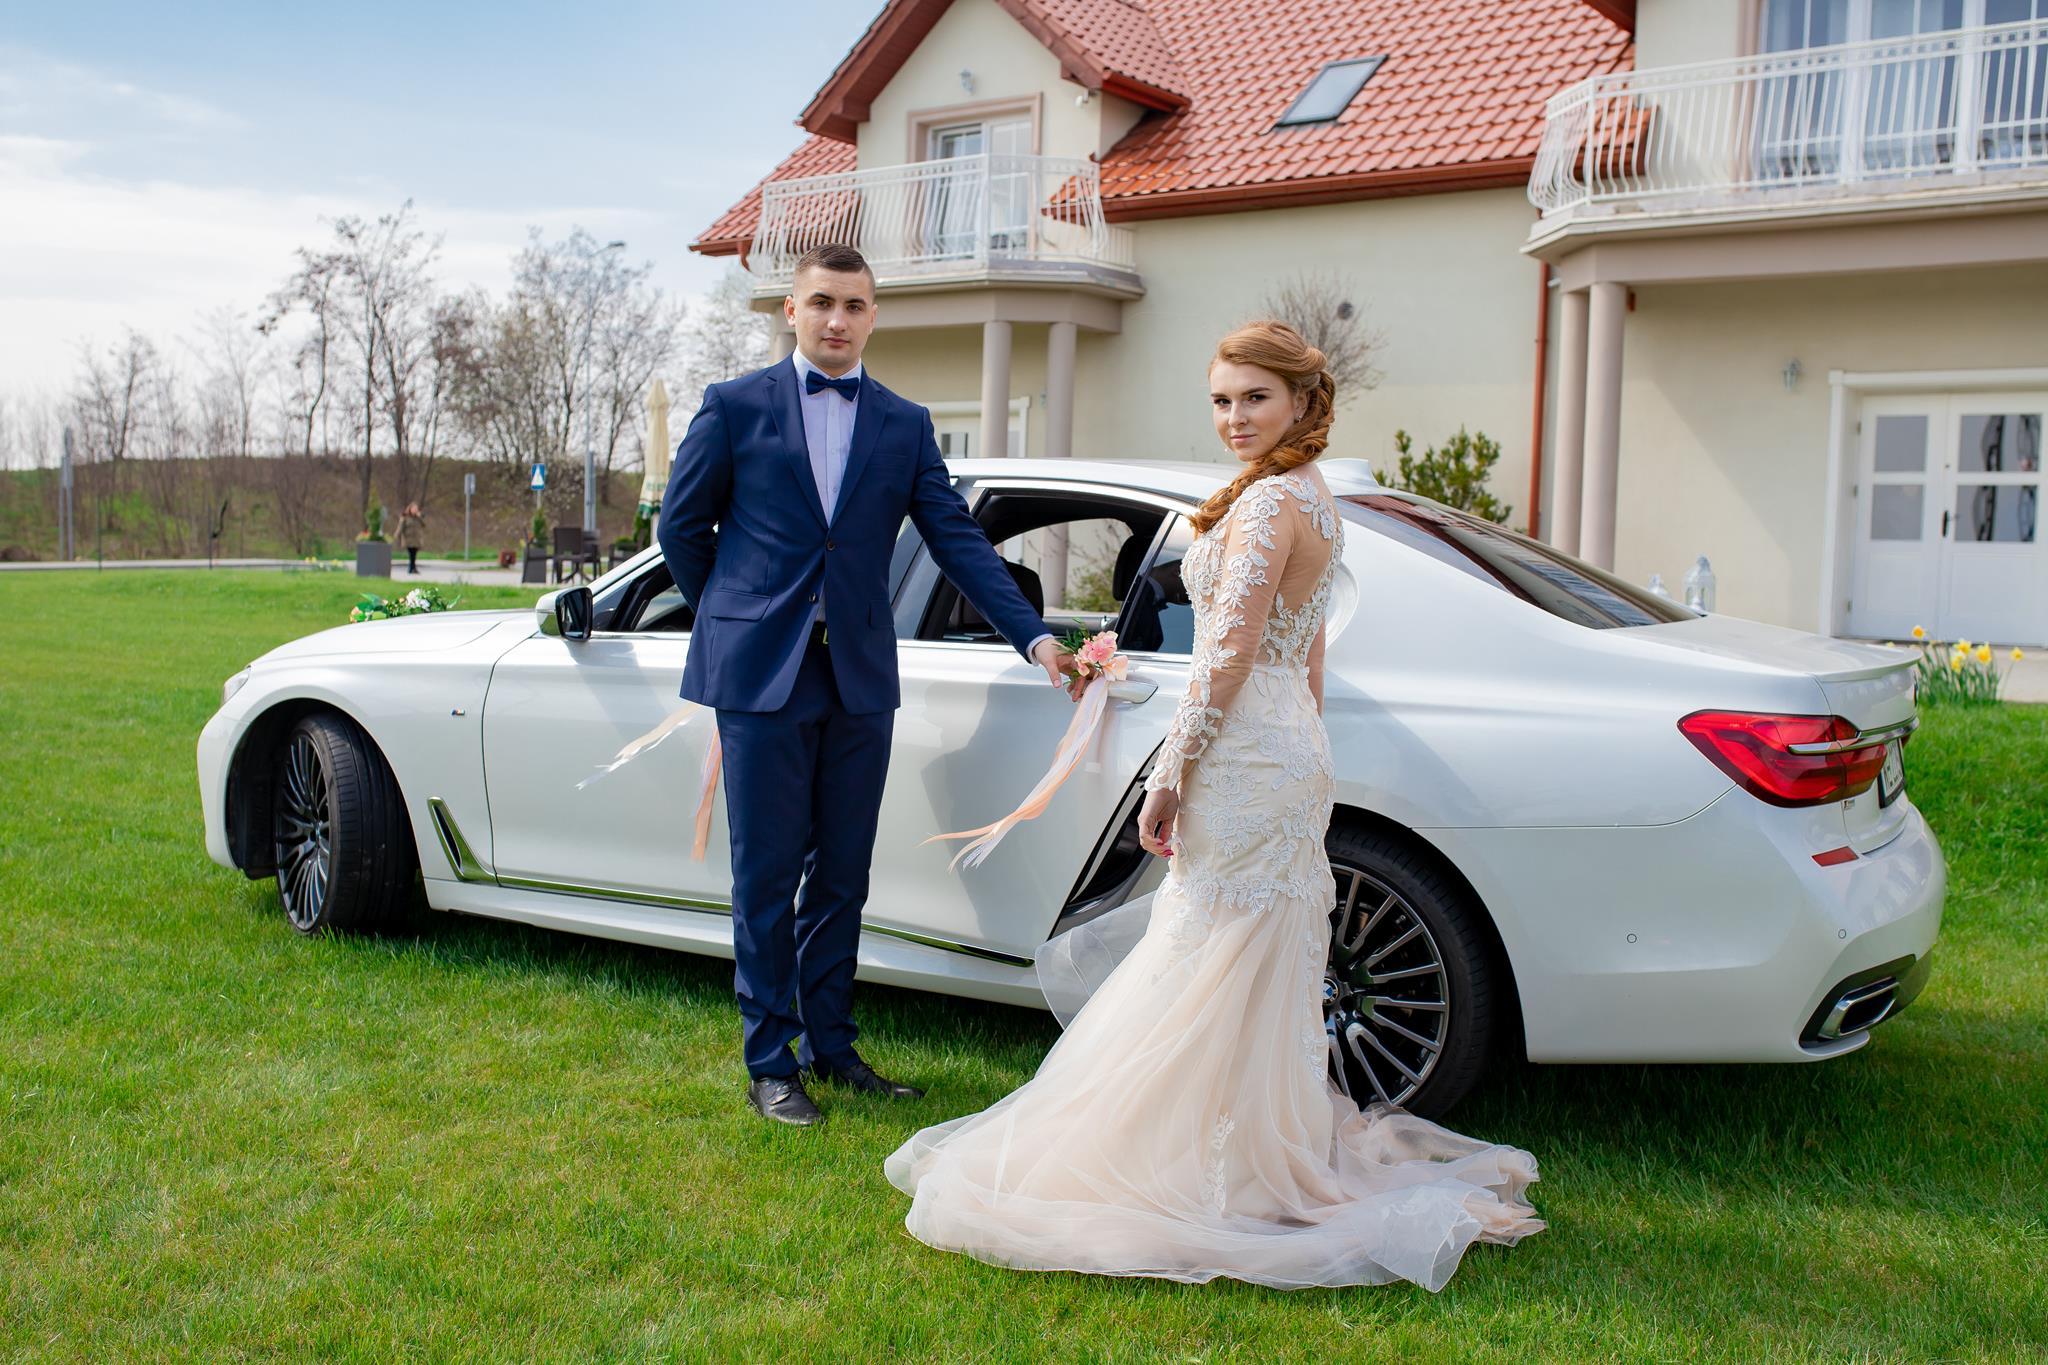 Wiele osób wychodzi z założenia, że ślub cywilny jest skromniejszą uroczystością od ślubu kościelnego. Czy jednak dla nowożeńców, którzy z różnych względów decydują się na taką opcję jest tak naprawdę? Z naszego doświadczenia wiemy, że nie!